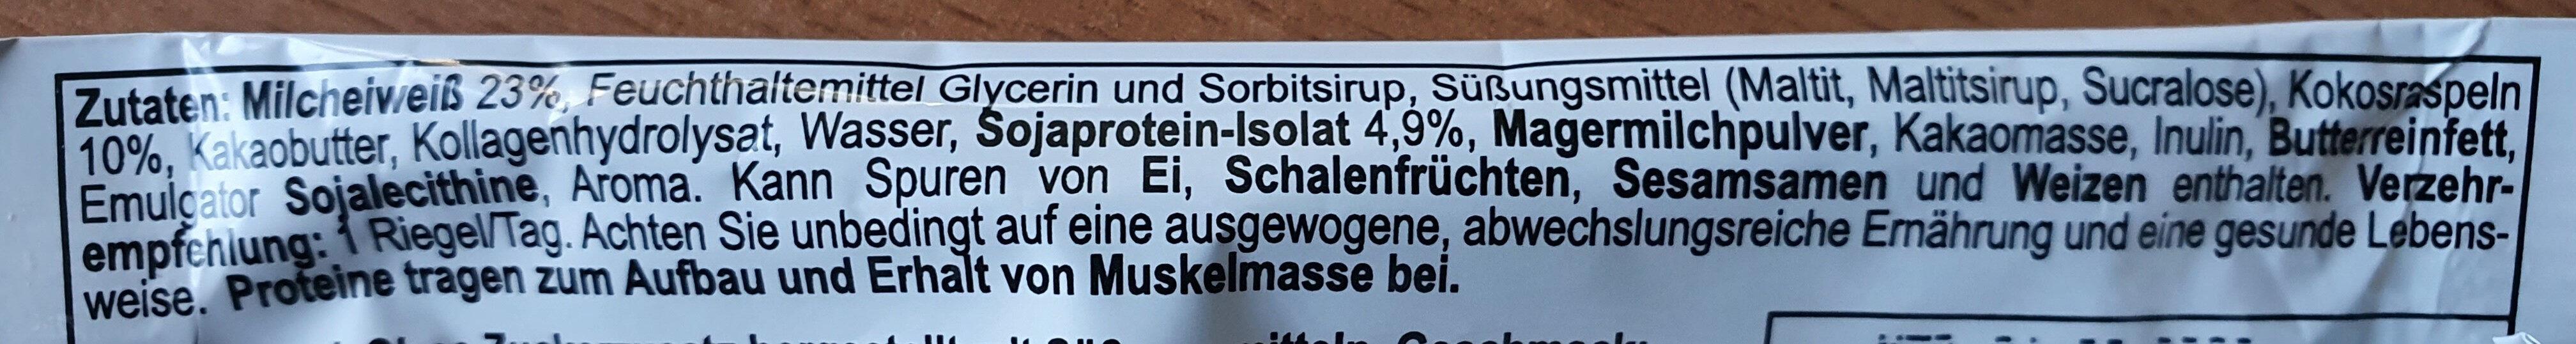 Pro-Plex Protein Bar - Ingredienti - de